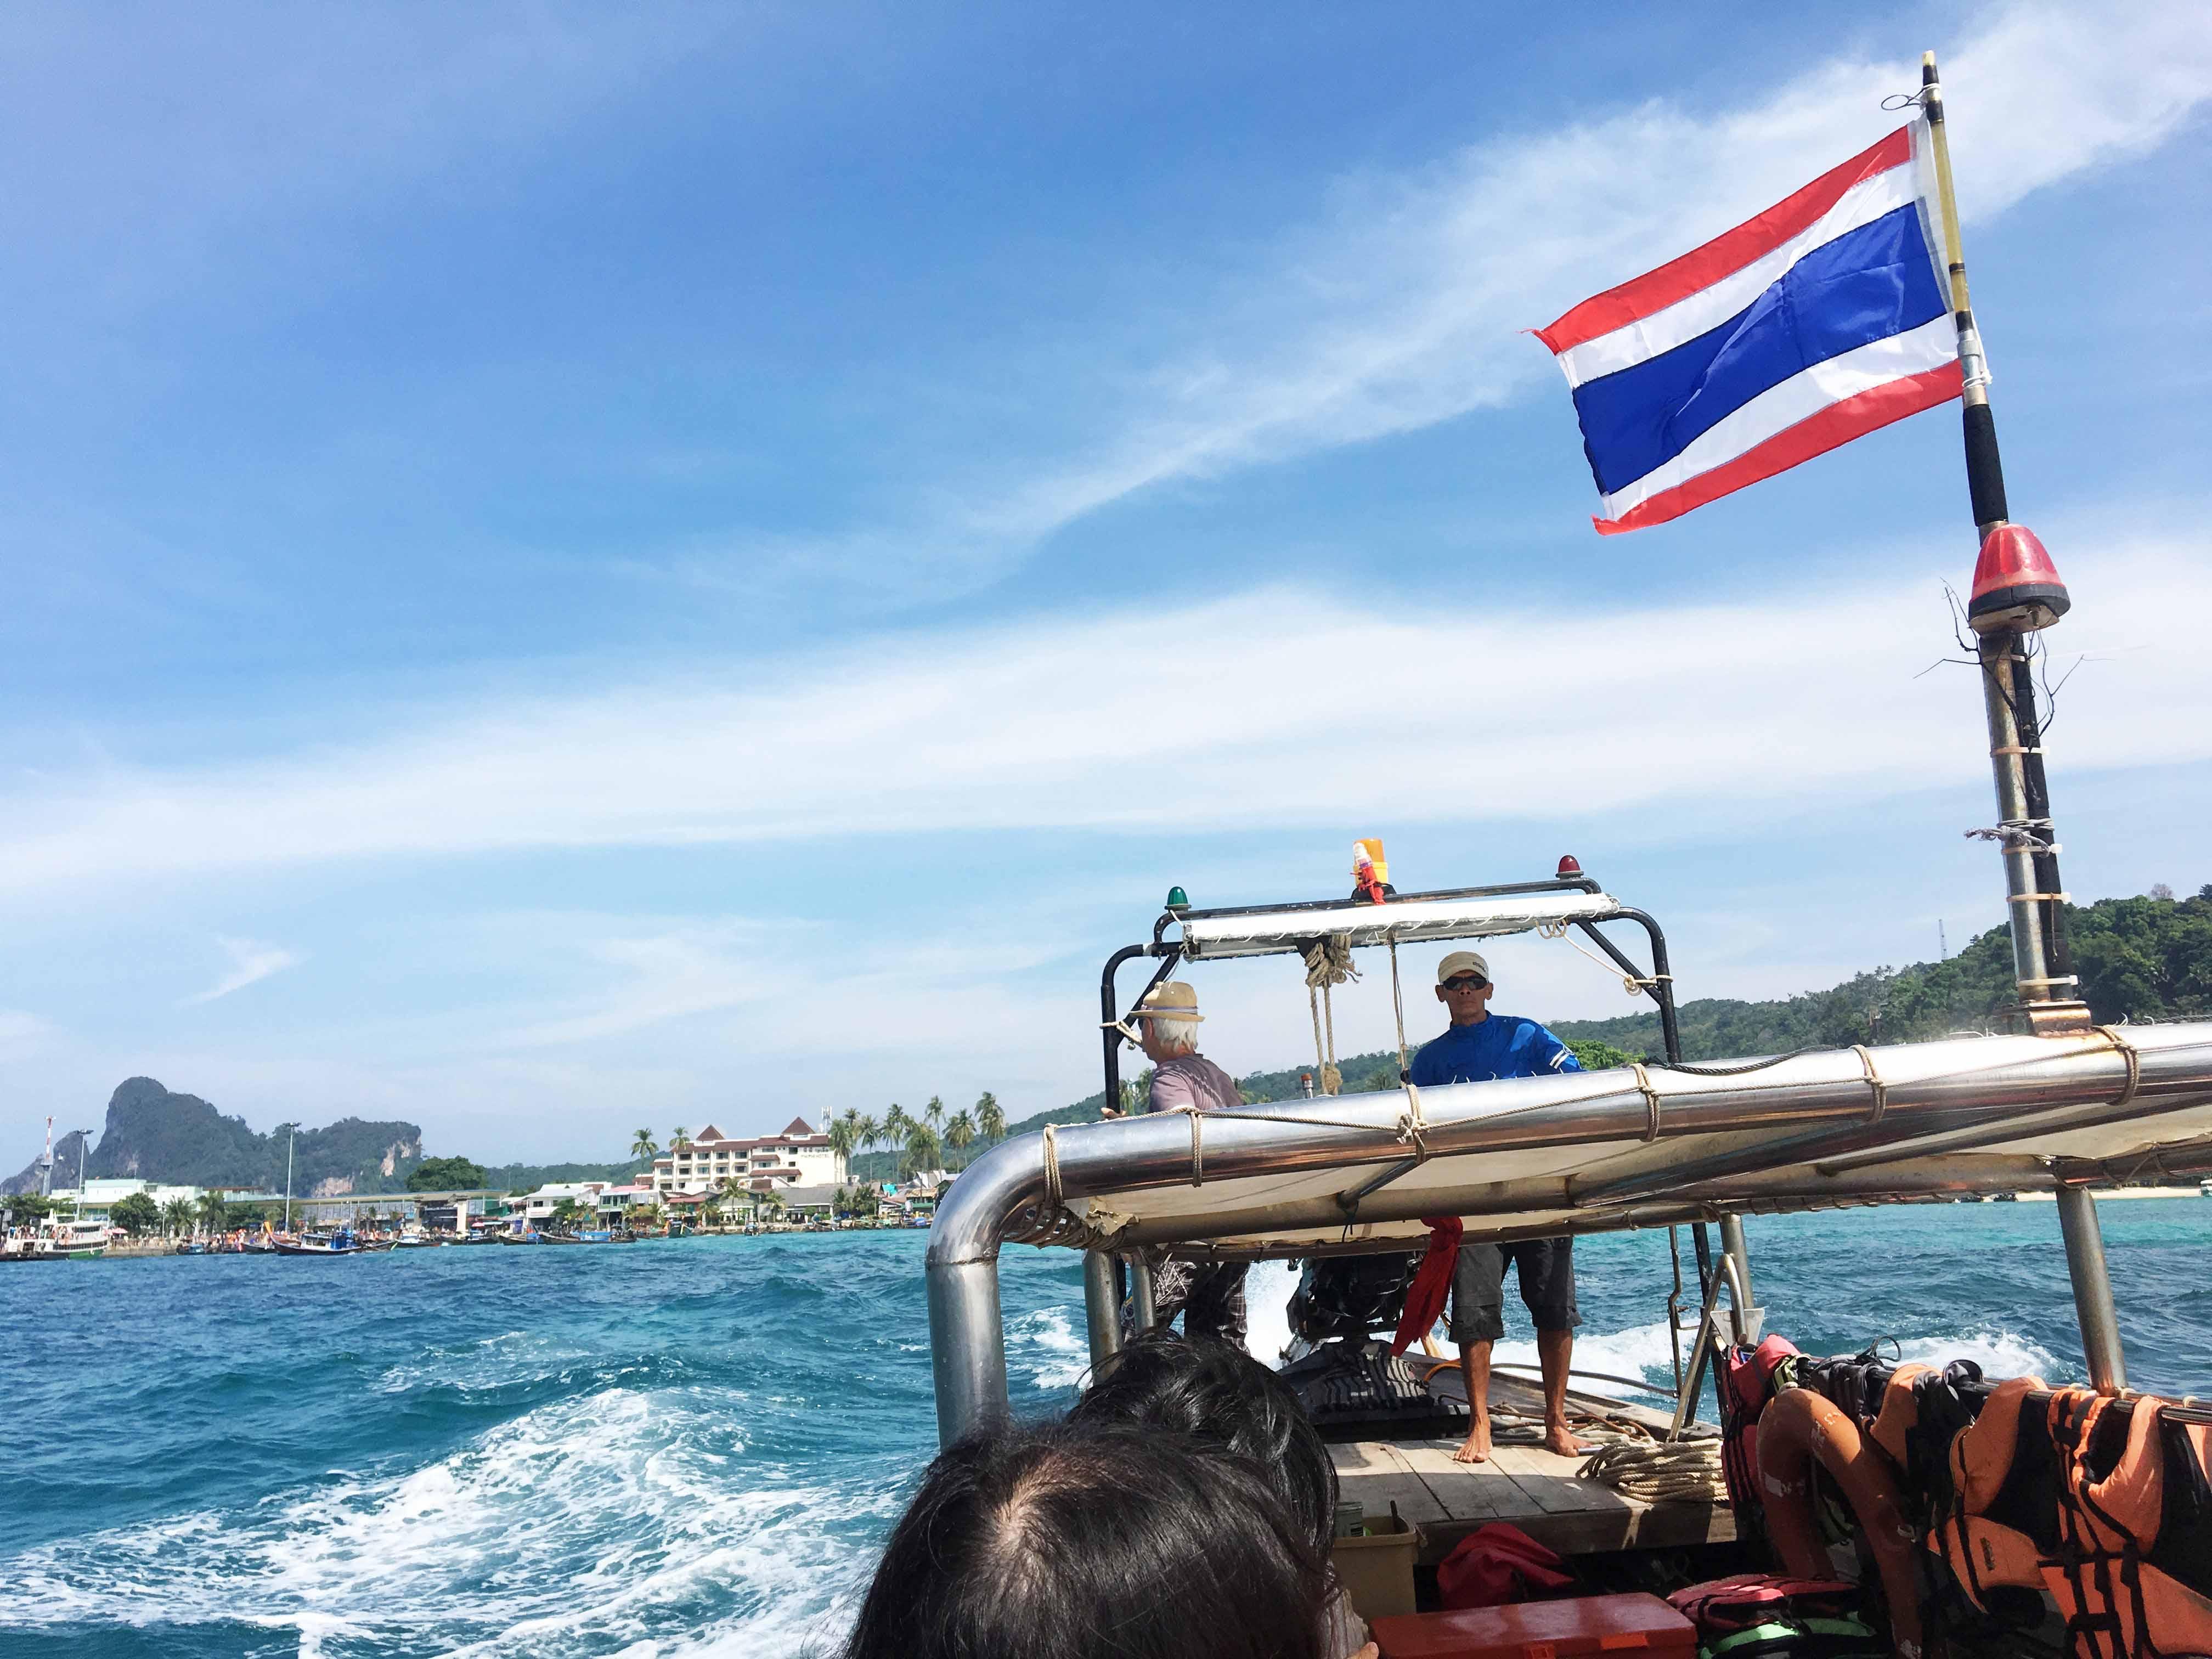 タイ旅行記②「THE・BEACHピピ島の楽園マヤベイへ」